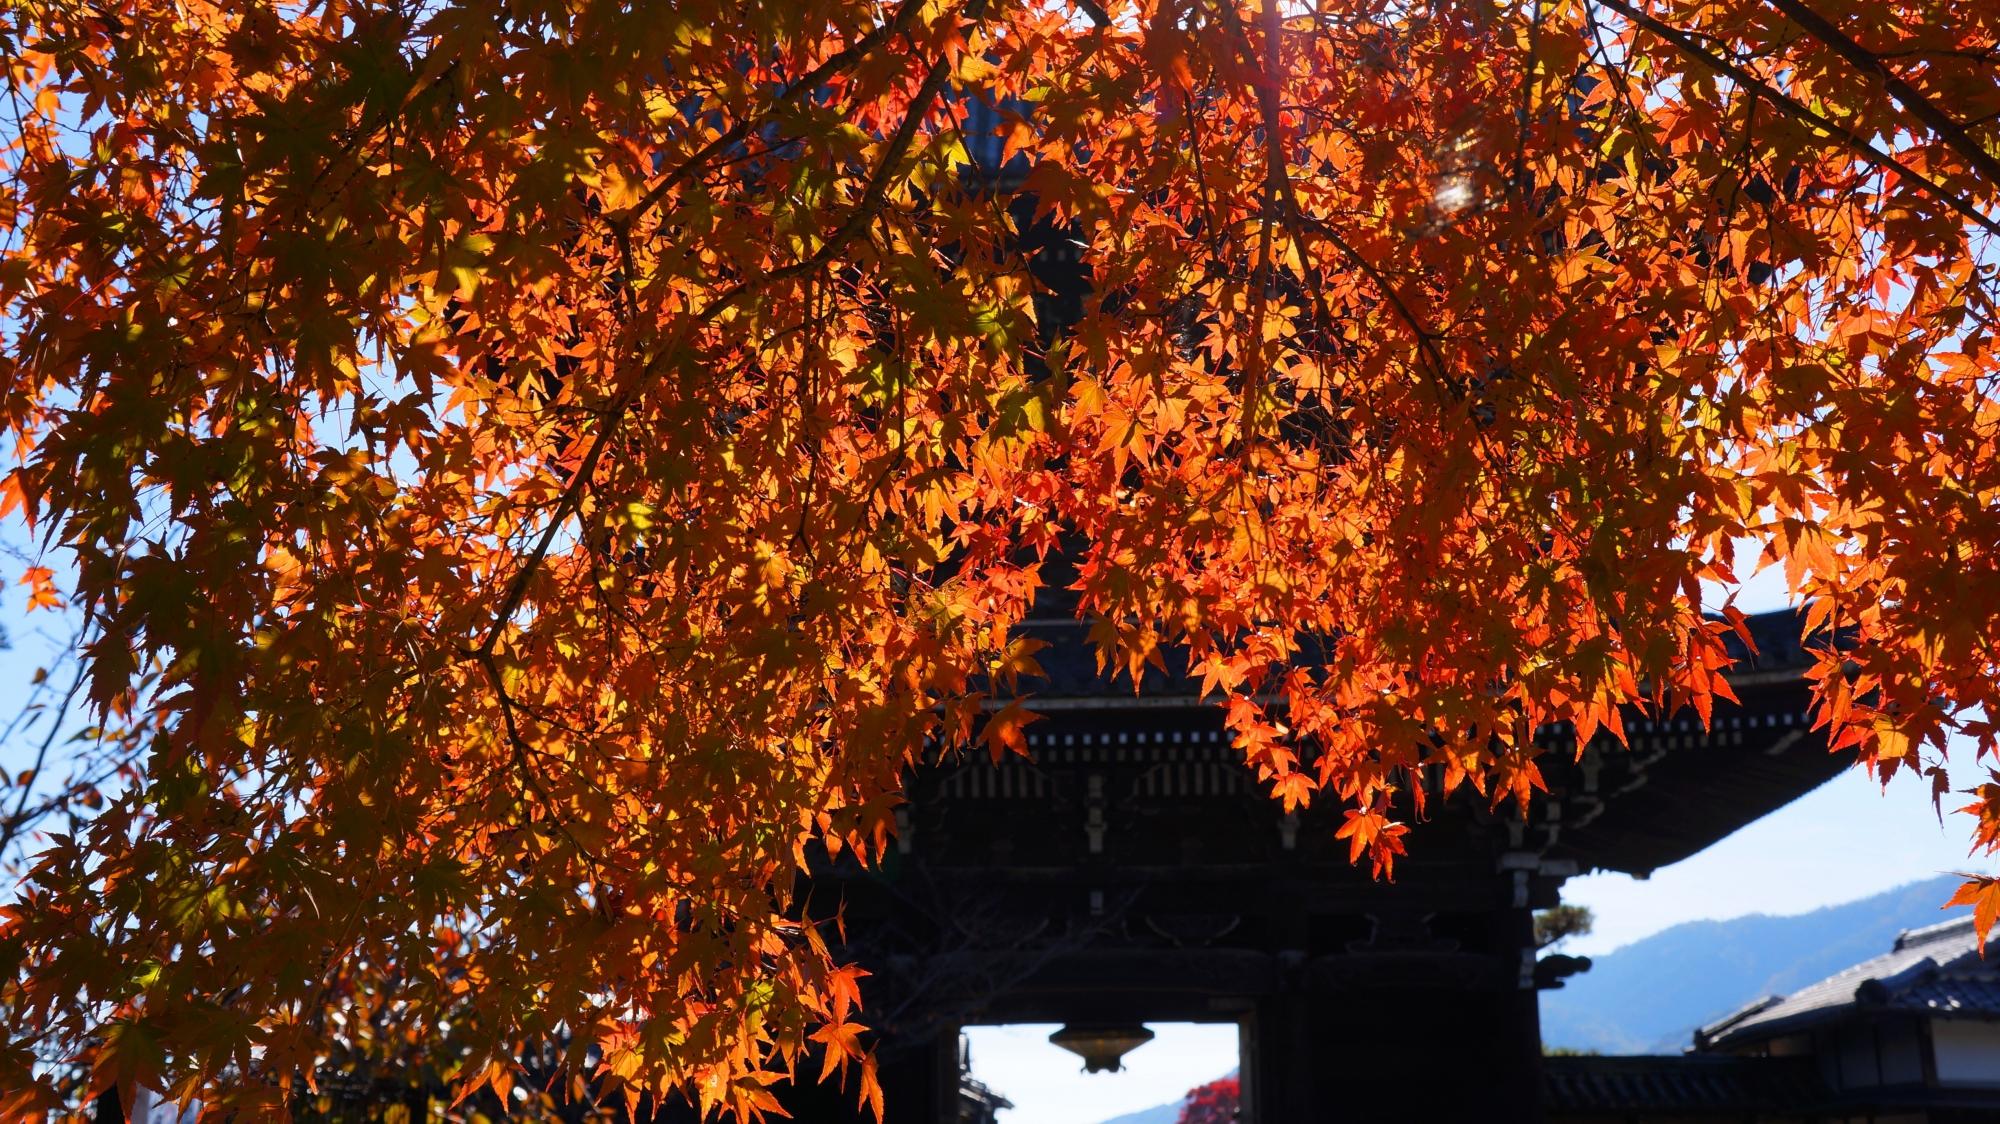 清涼寺の境内から眺めた仁王門と紅葉